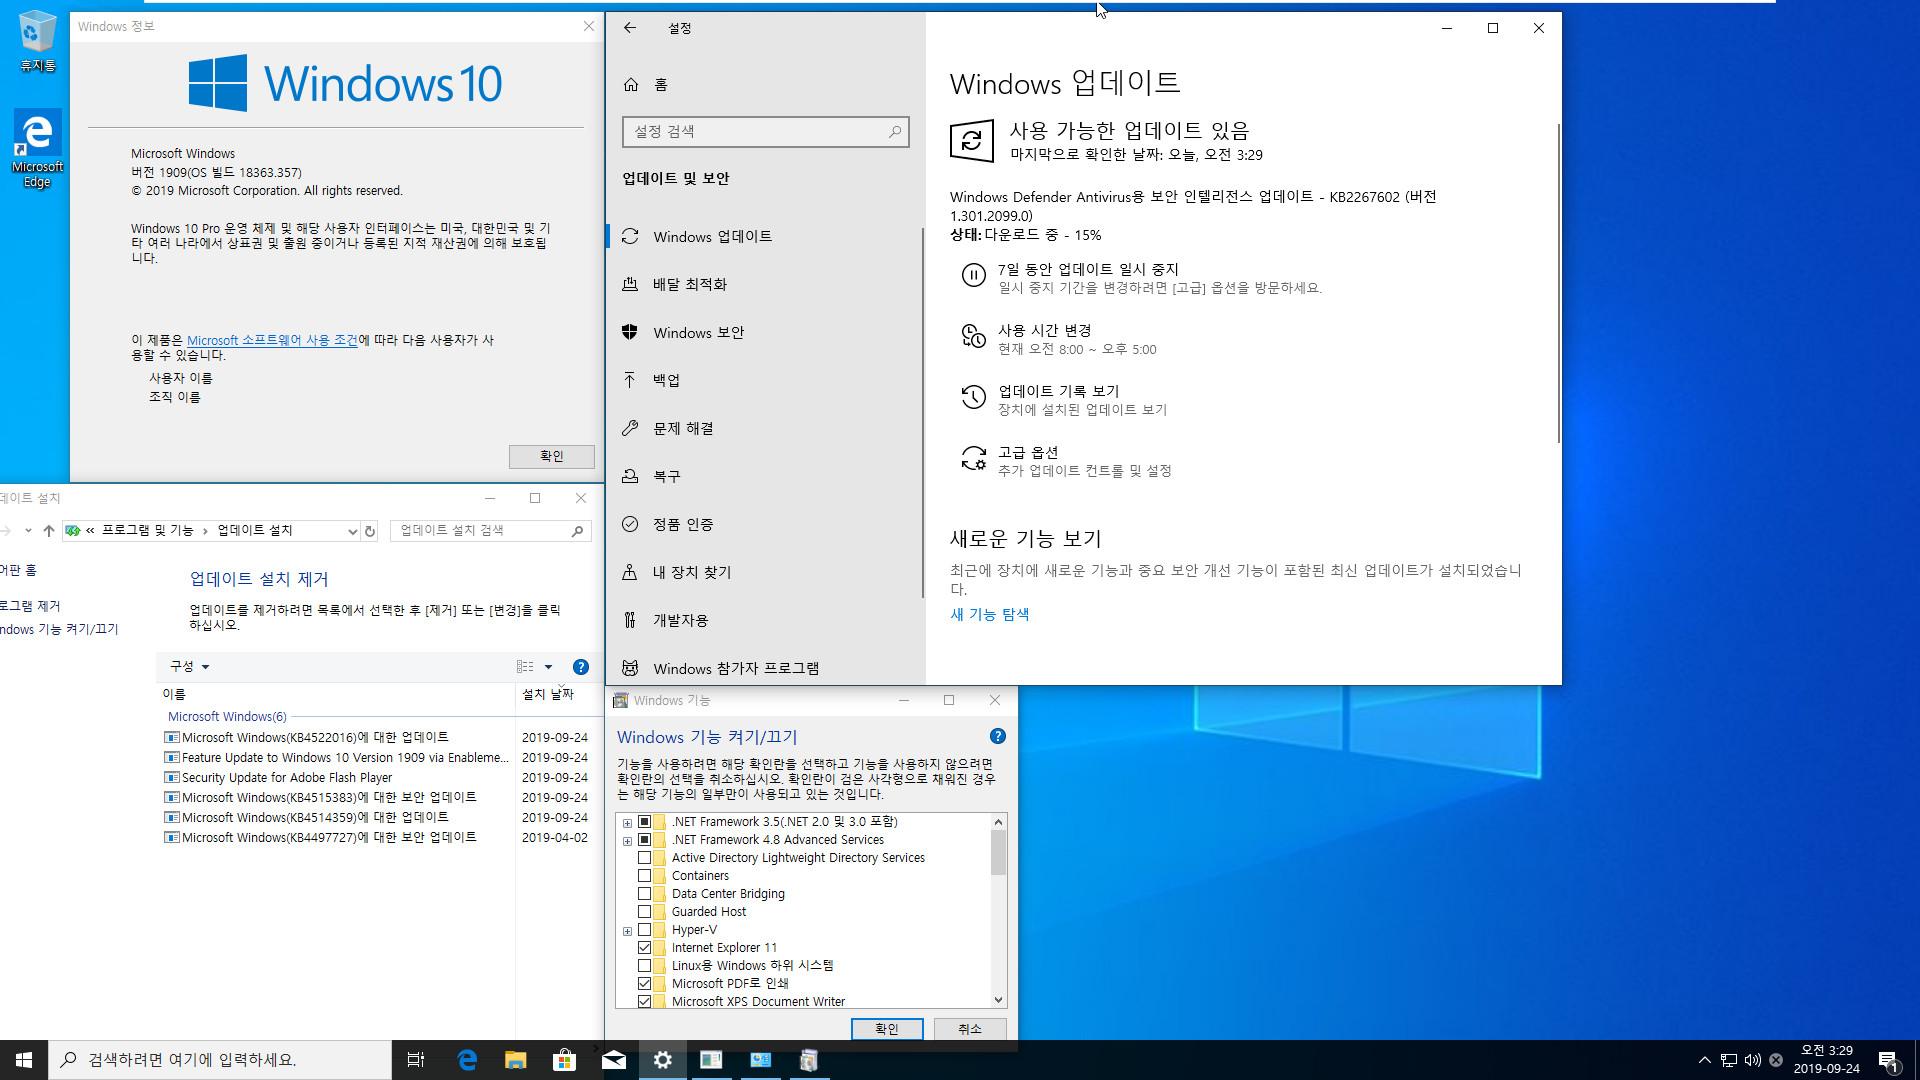 Windows 10 수시 업데이트 - Windows 10 버전 1903 누적 업데이트 KB4522016 (OS 빌드 18362.357) [2019-09-23 일자] 나왔네요 - 버전 1909 (OS 빌드 18363.357) 프로 64비트부터 통합중 입니다 2019-09-24_032956.jpg